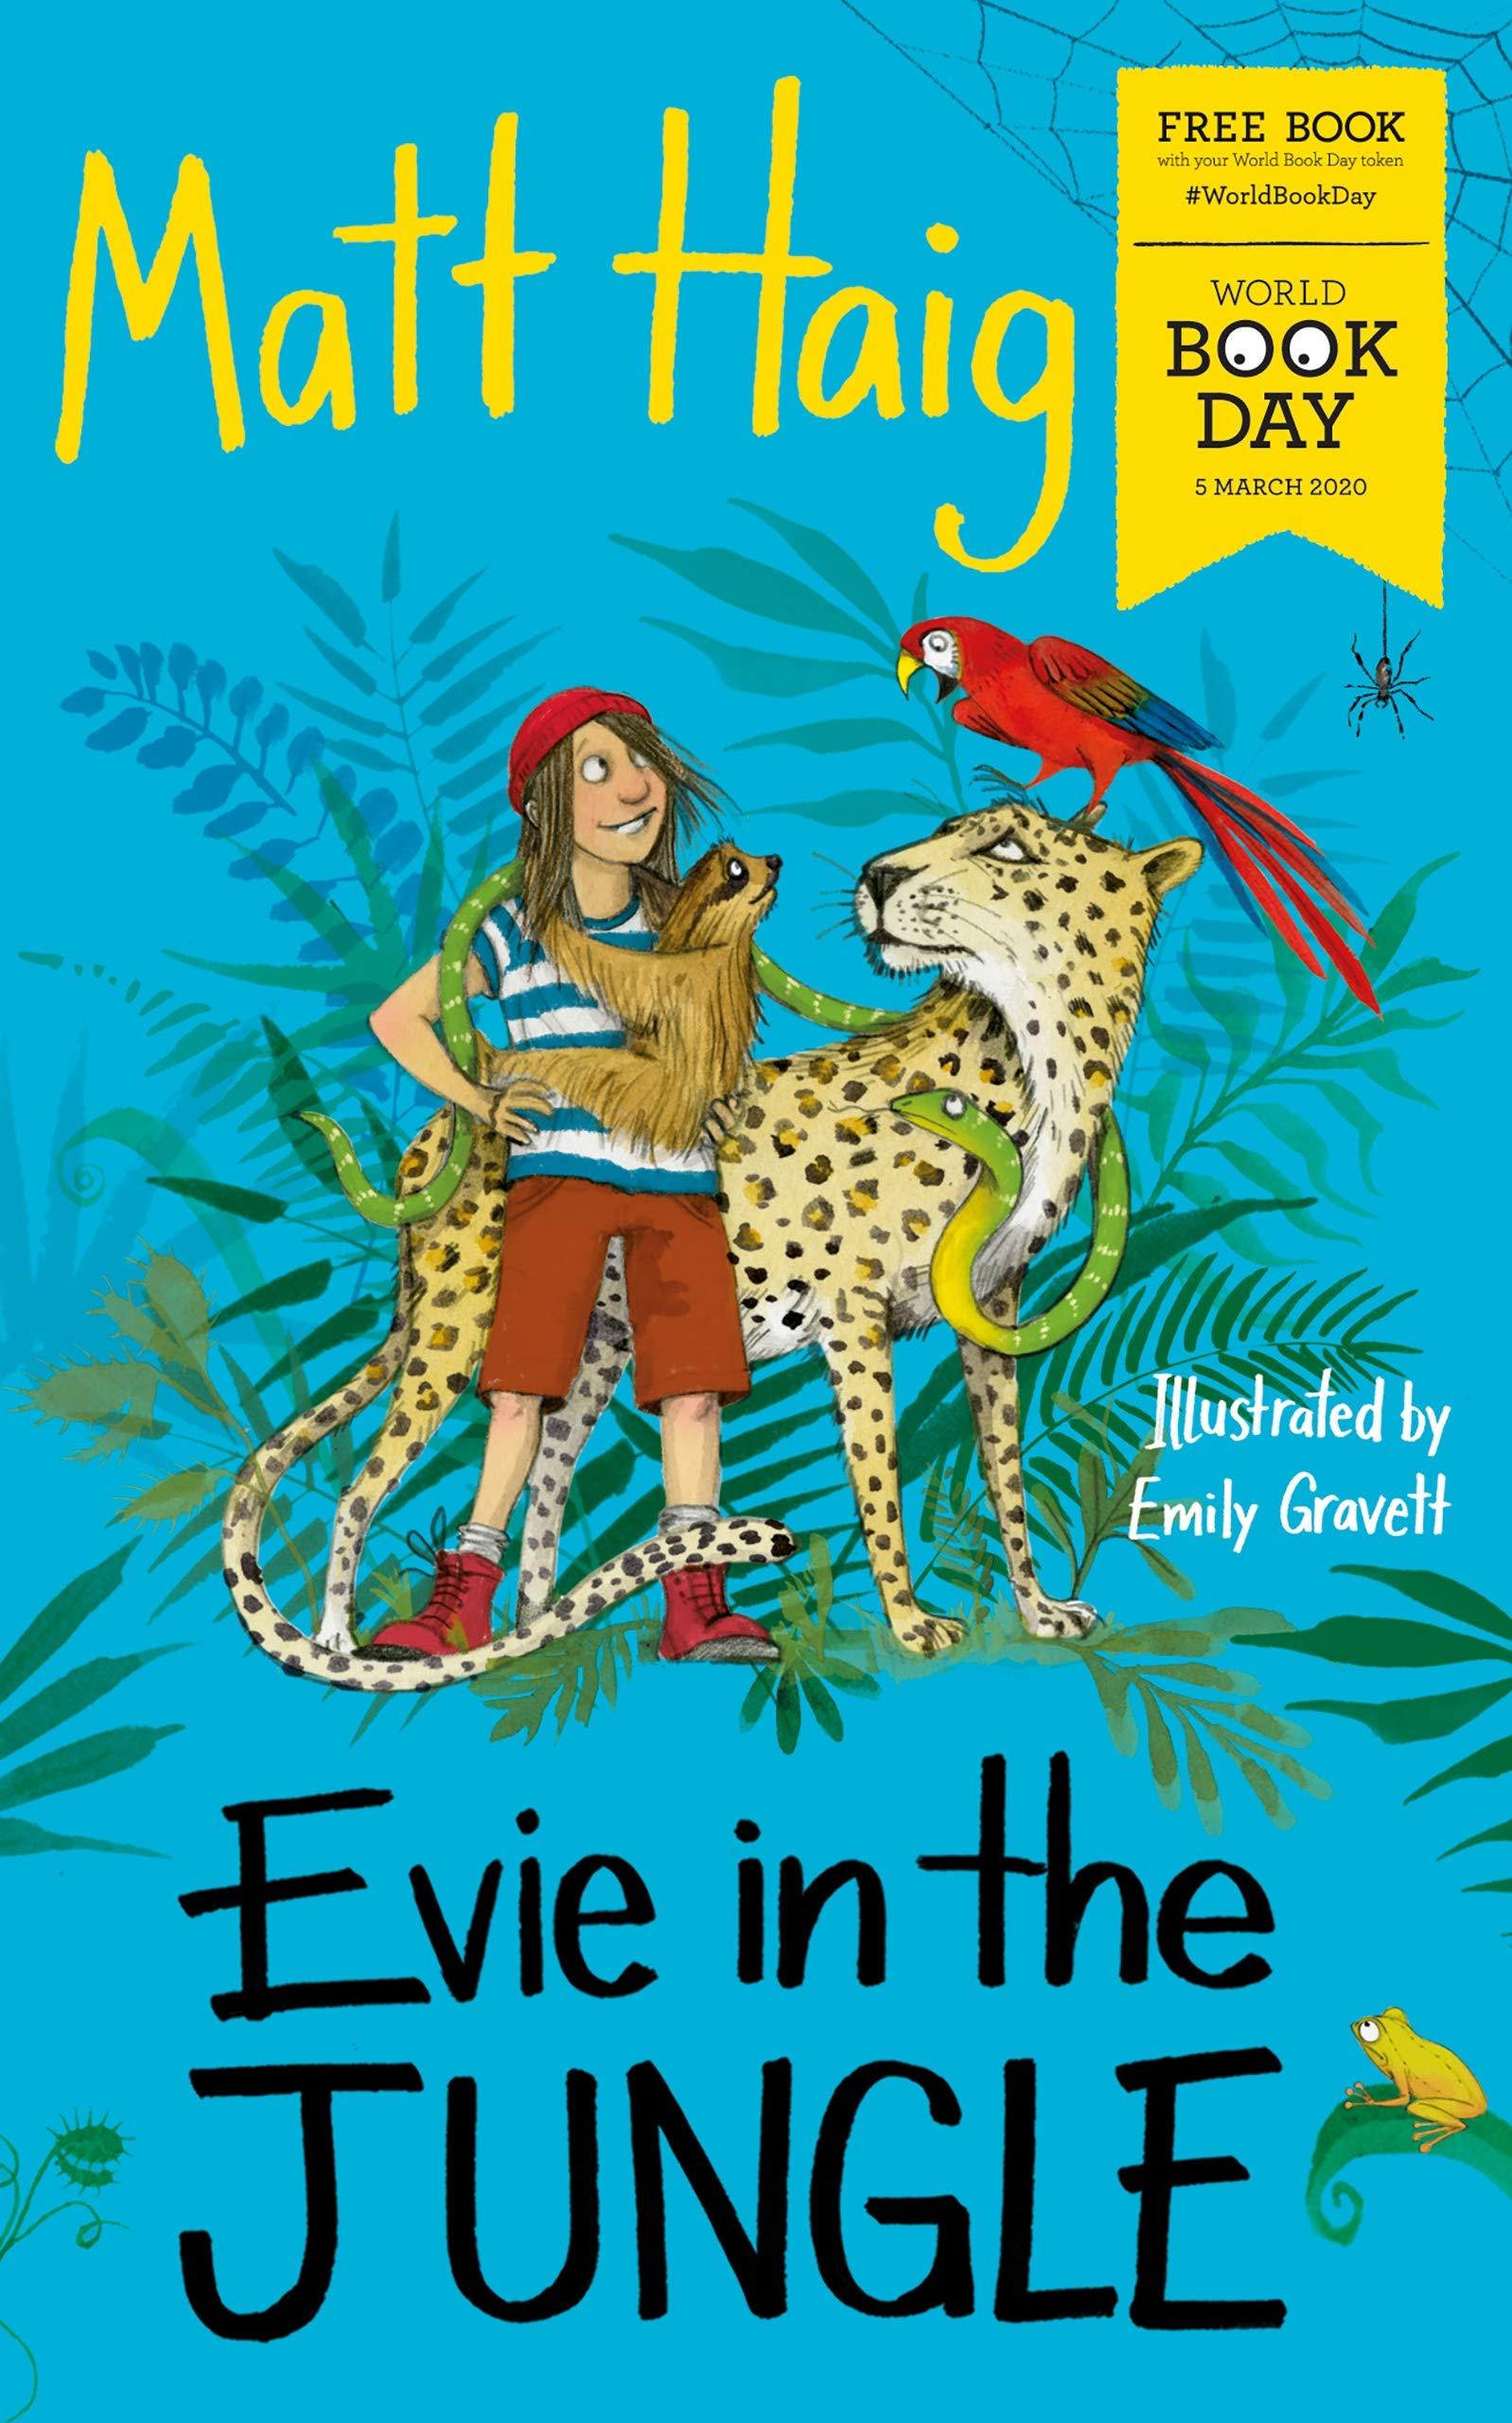 Evie in the Jungle: Amazon.co.uk: Haig, Matt, Gravett, Emily: Books